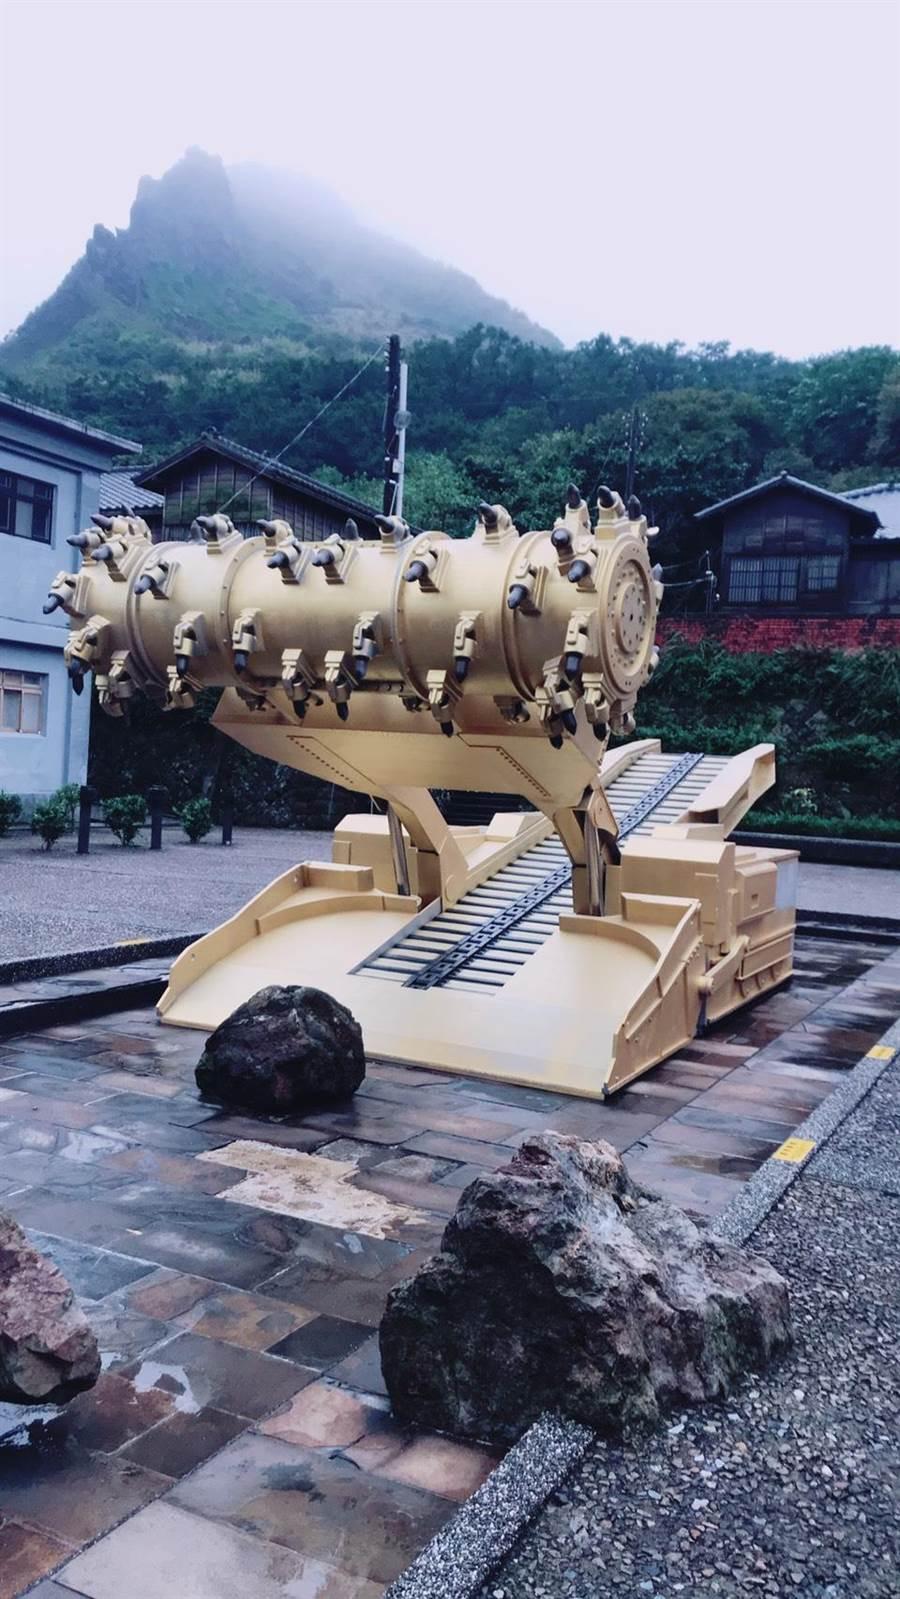 《礦•事•紀》特展作品之一〈金雞〉,以工業大國使用的大型採礦機做為模型。(黃金博物館提供)